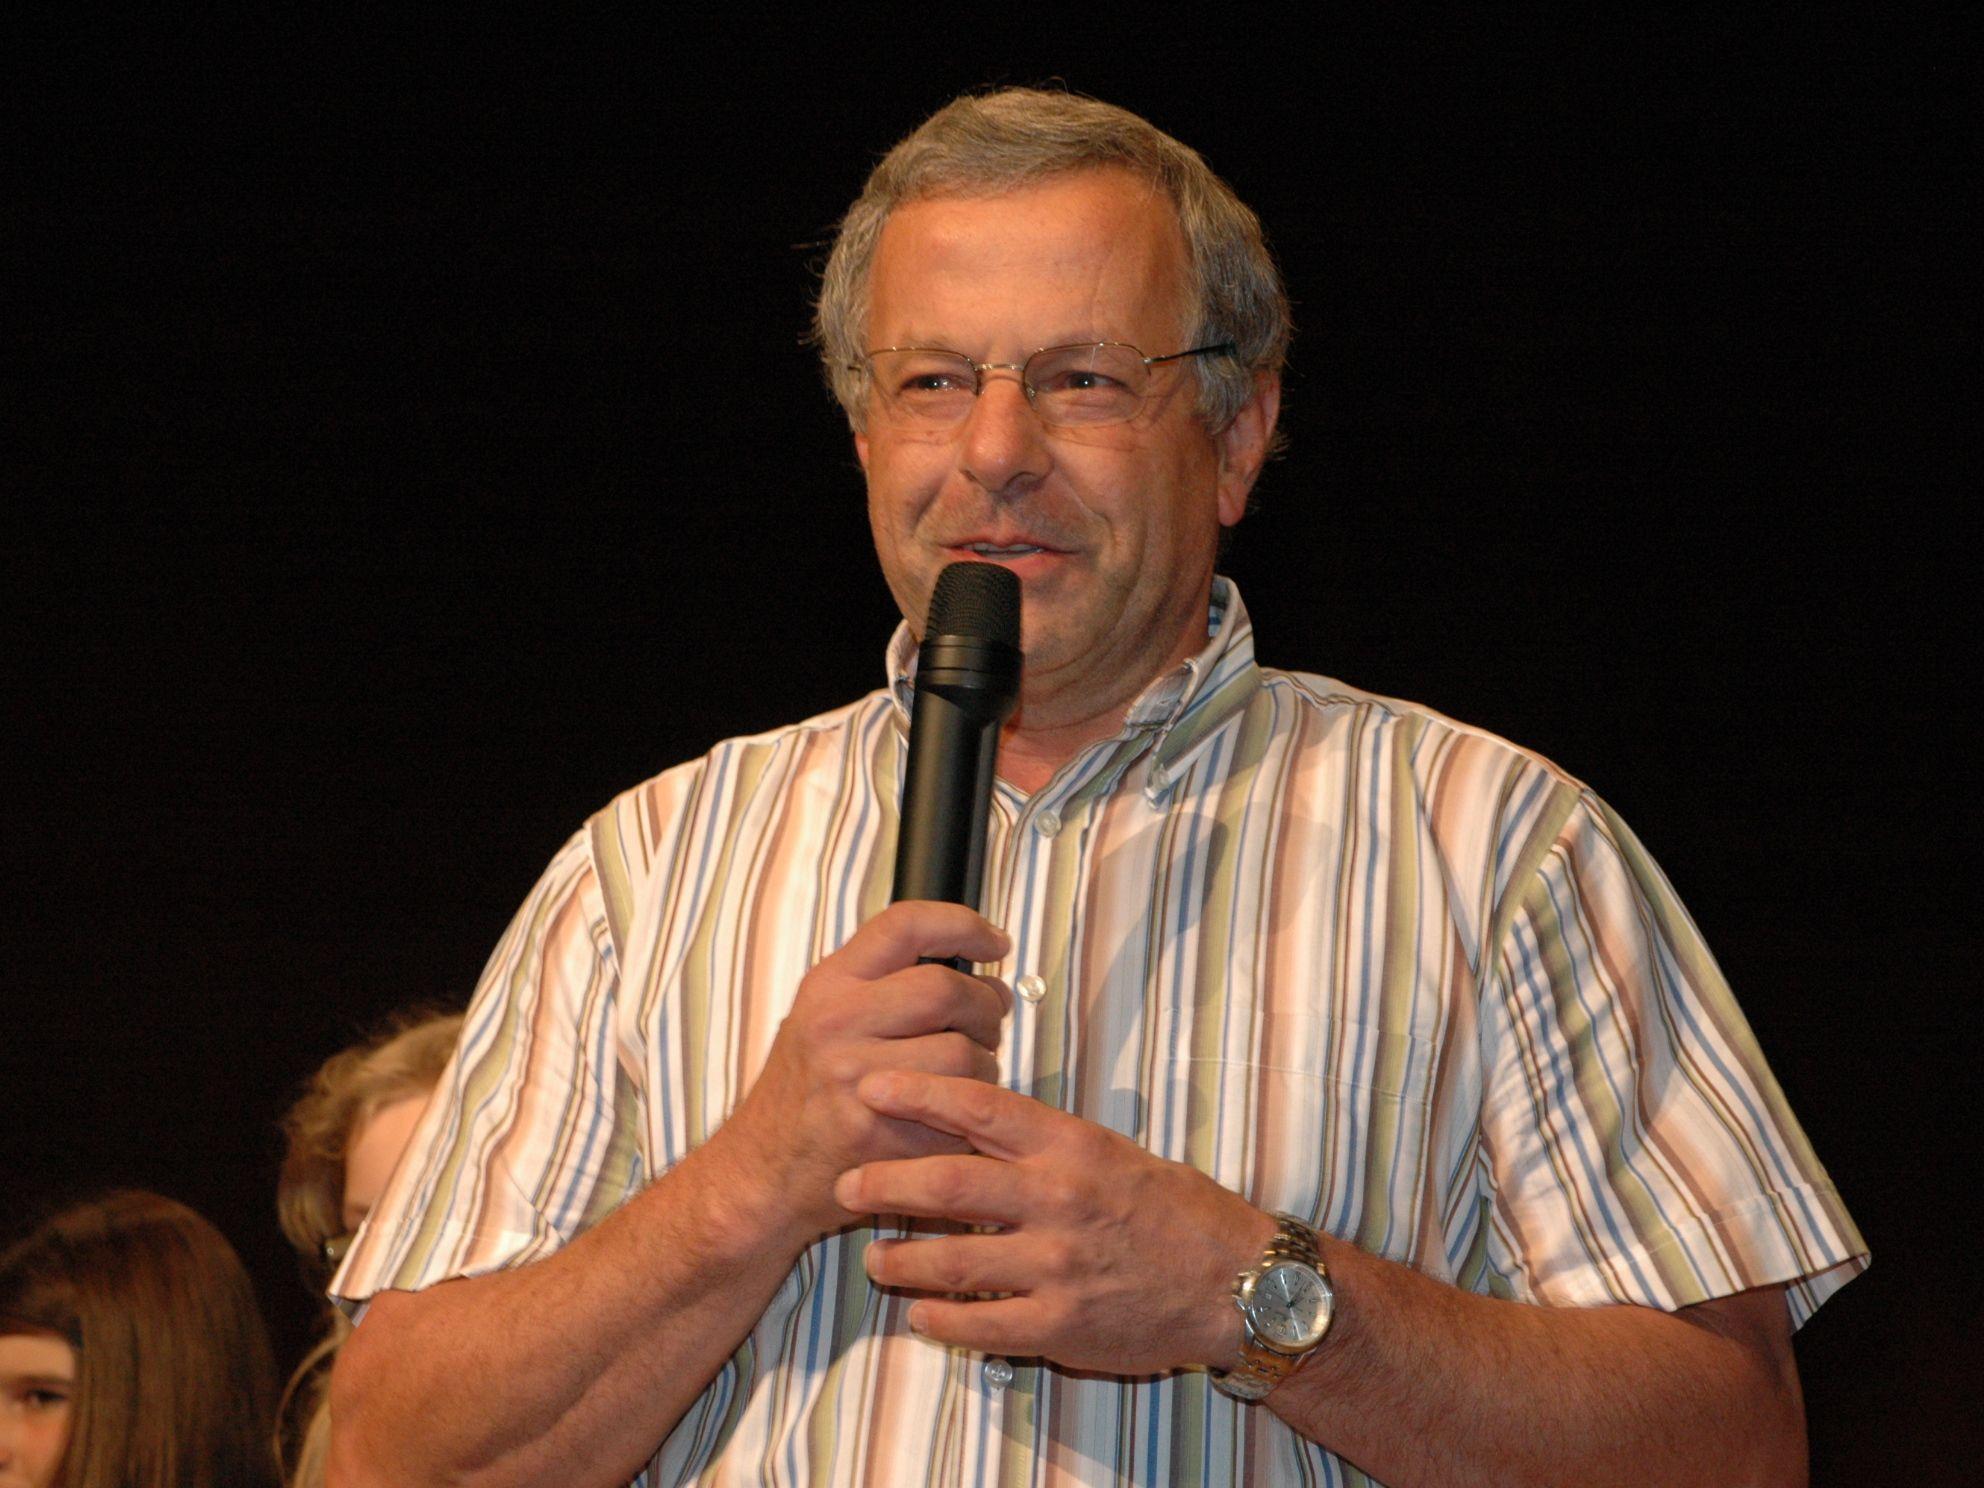 Helmut Rauch